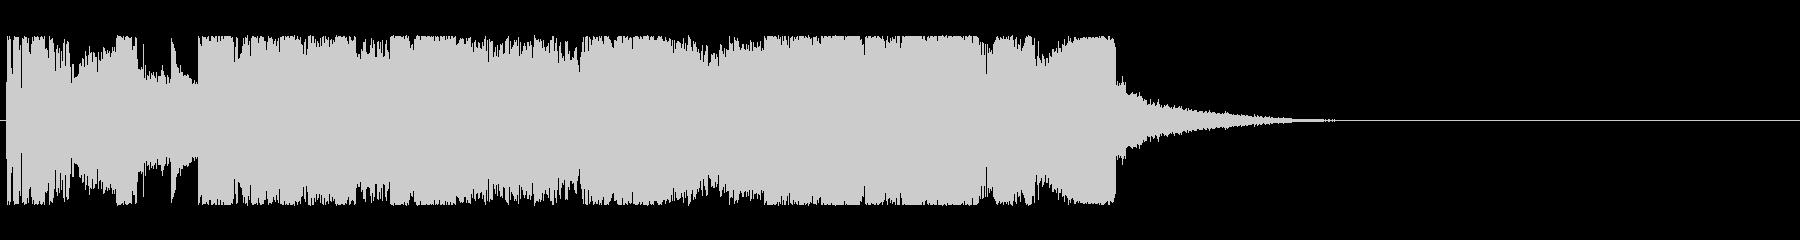 賑やかパワフル系サウンドロゴの未再生の波形